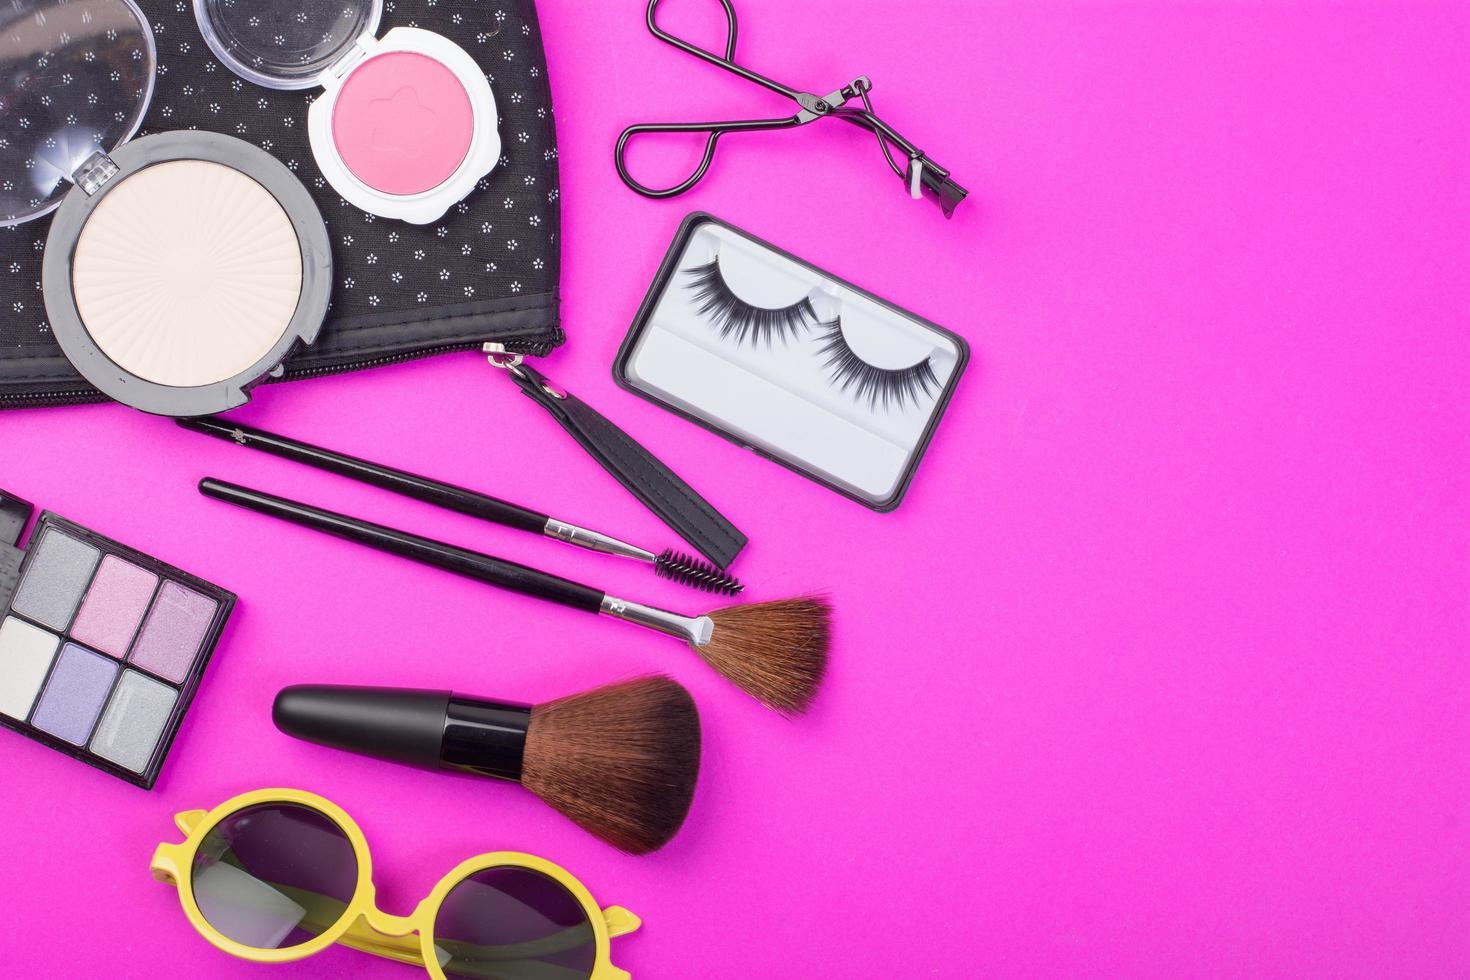 produits de beauté cosmétiques sur fond rose photo